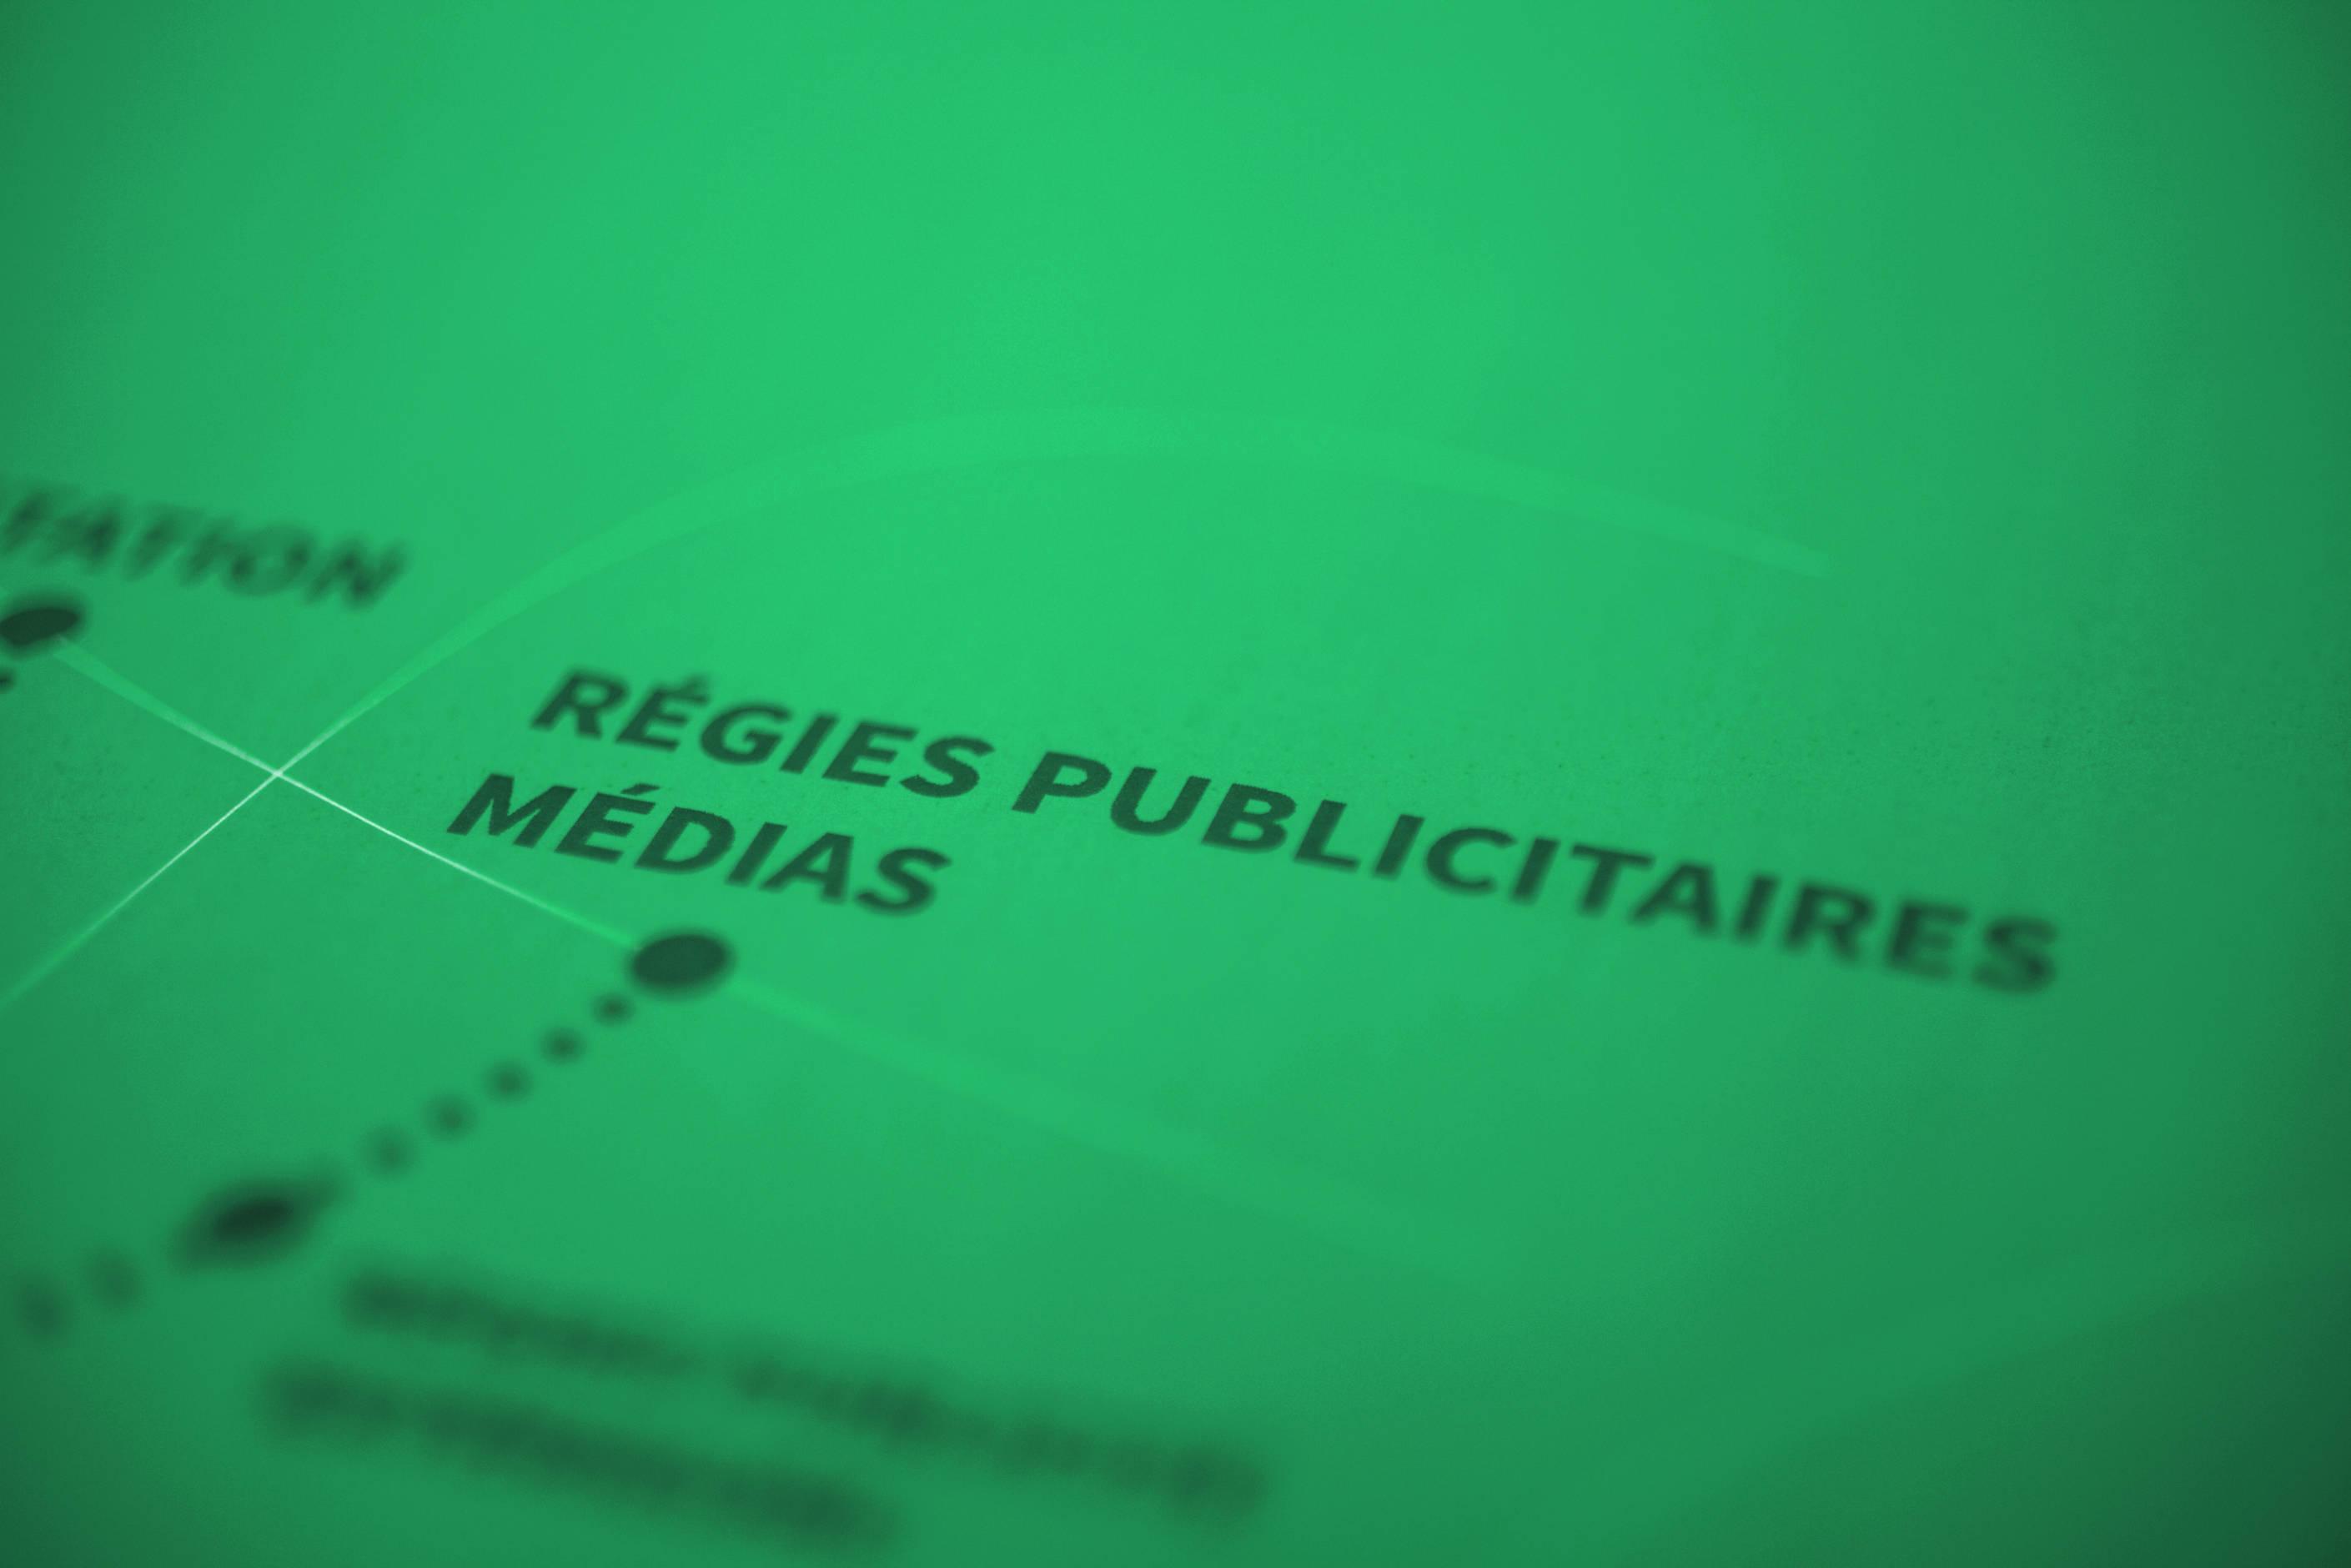 12-regies-publicitaires-medias